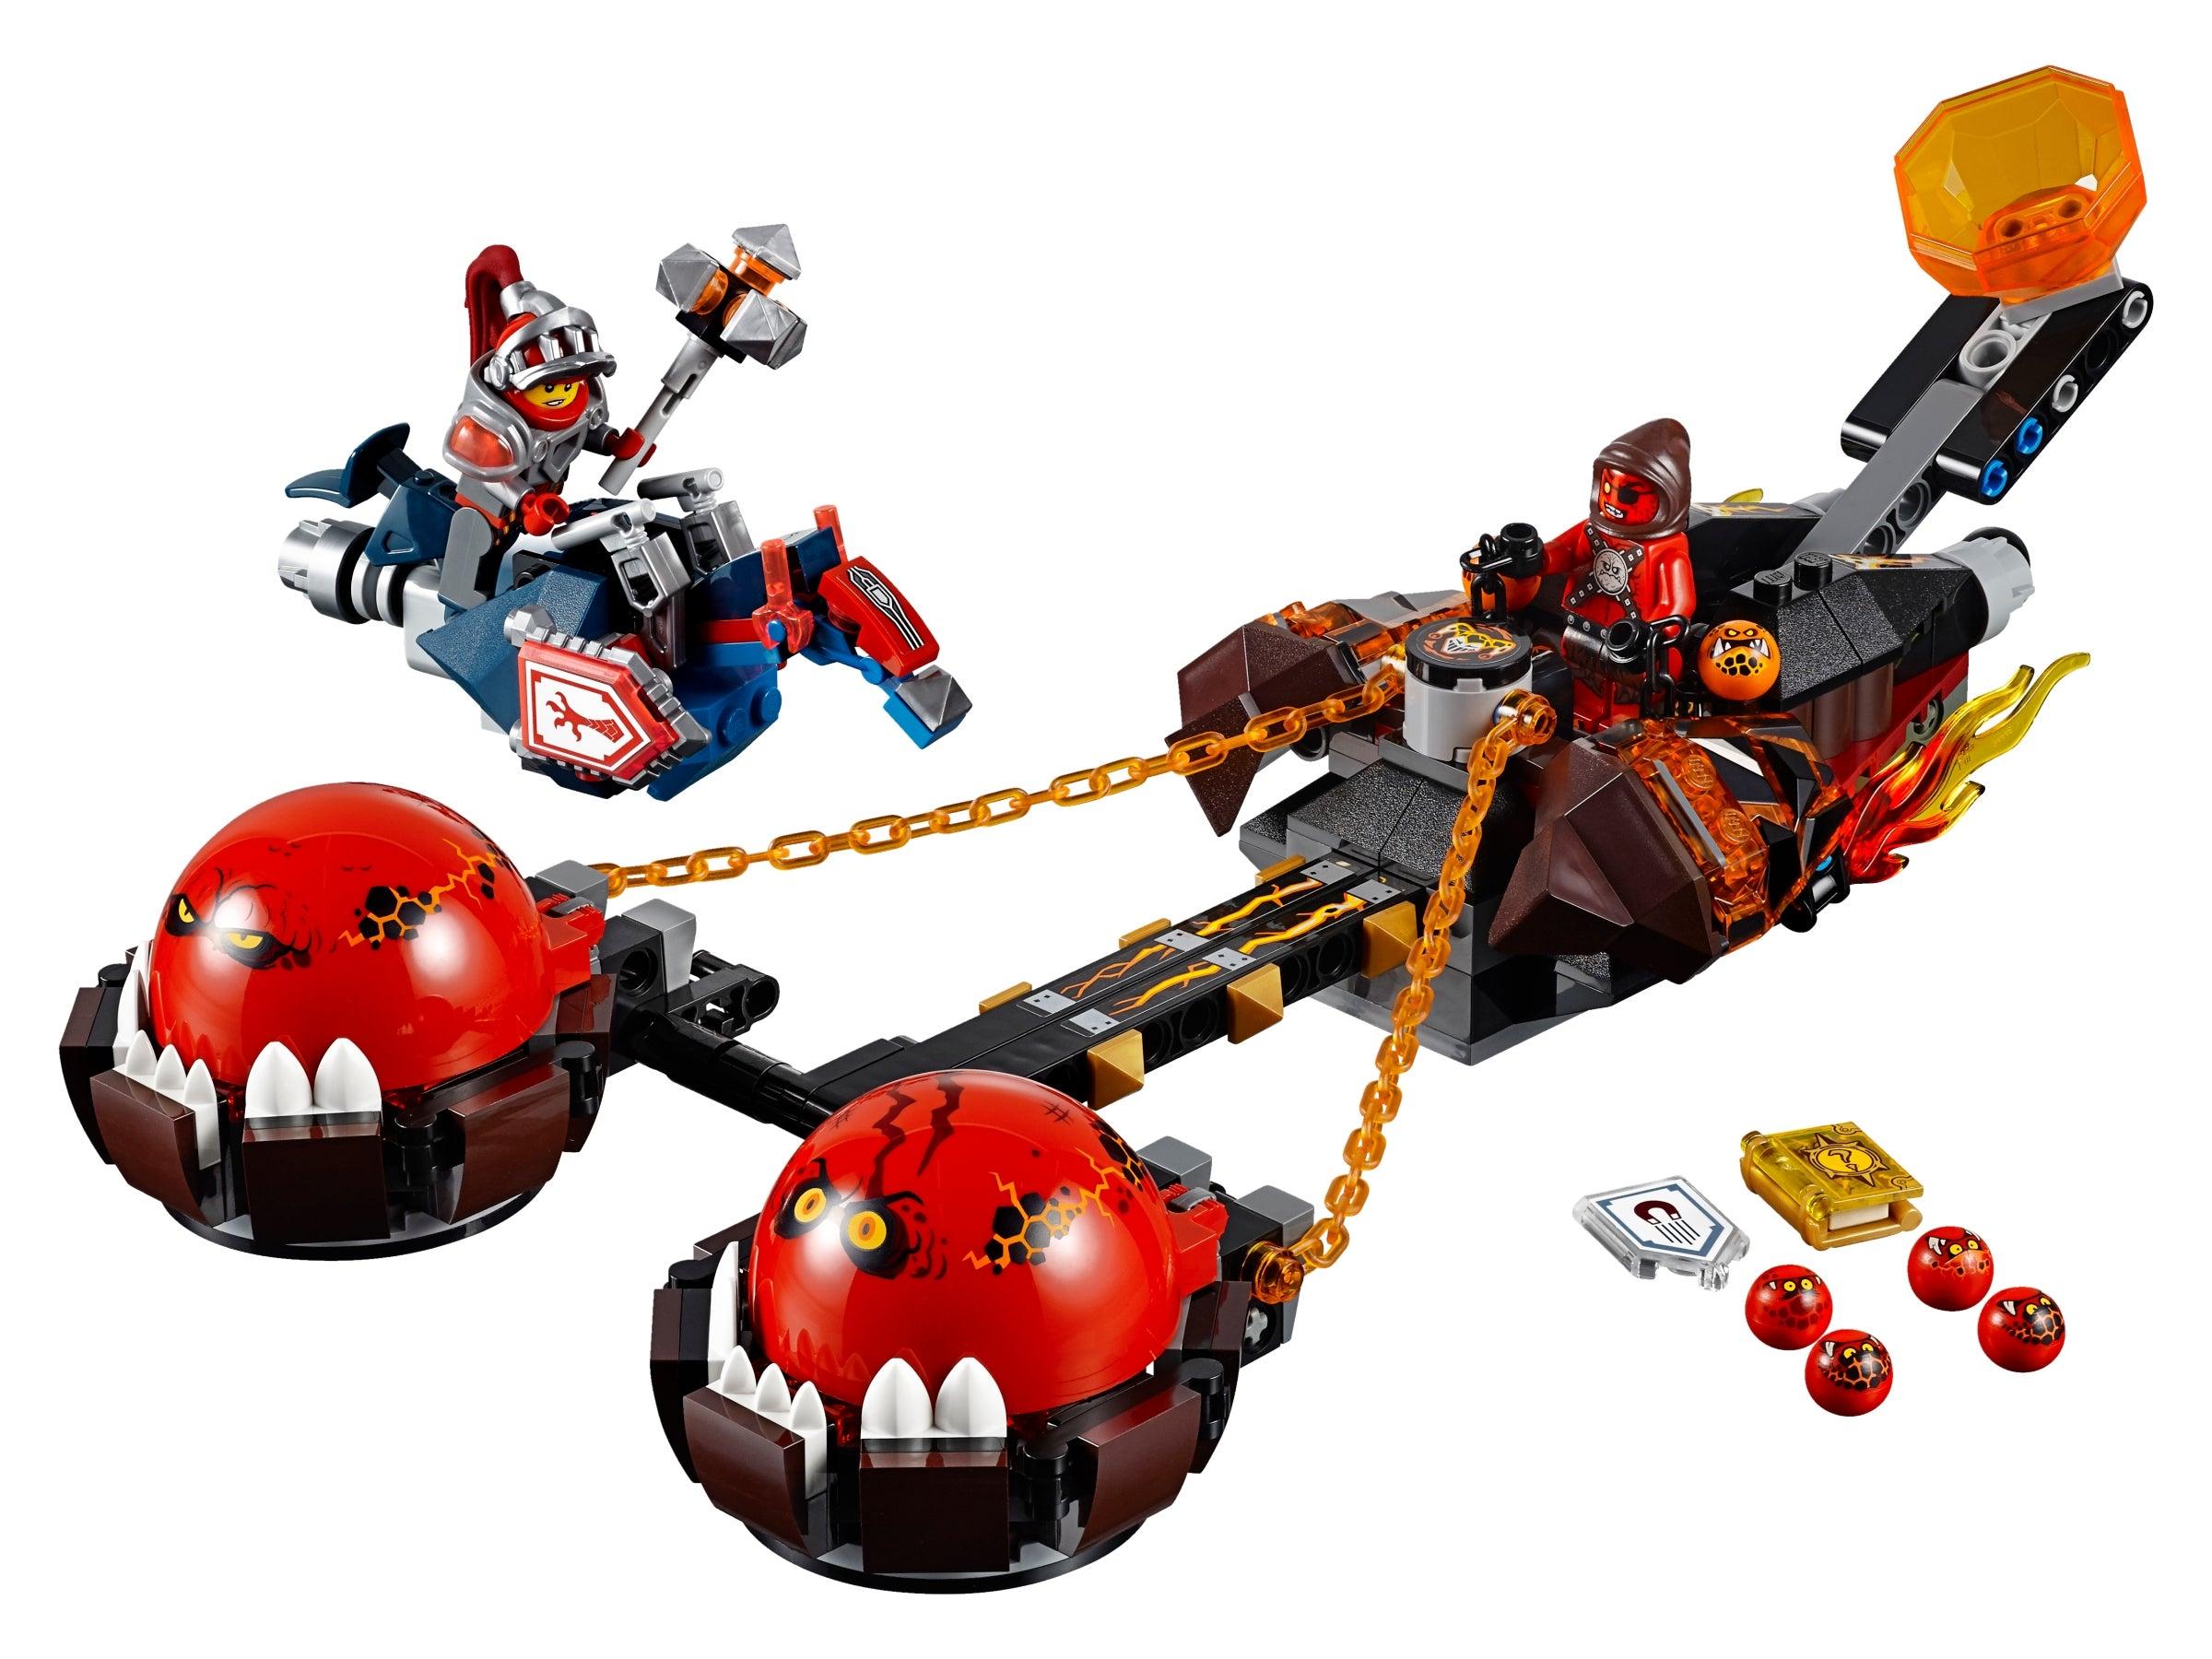 LEGO 3 x Chassis Fahrgestell schwarz Black Vehicle Base 4x14x2 1//3 30642